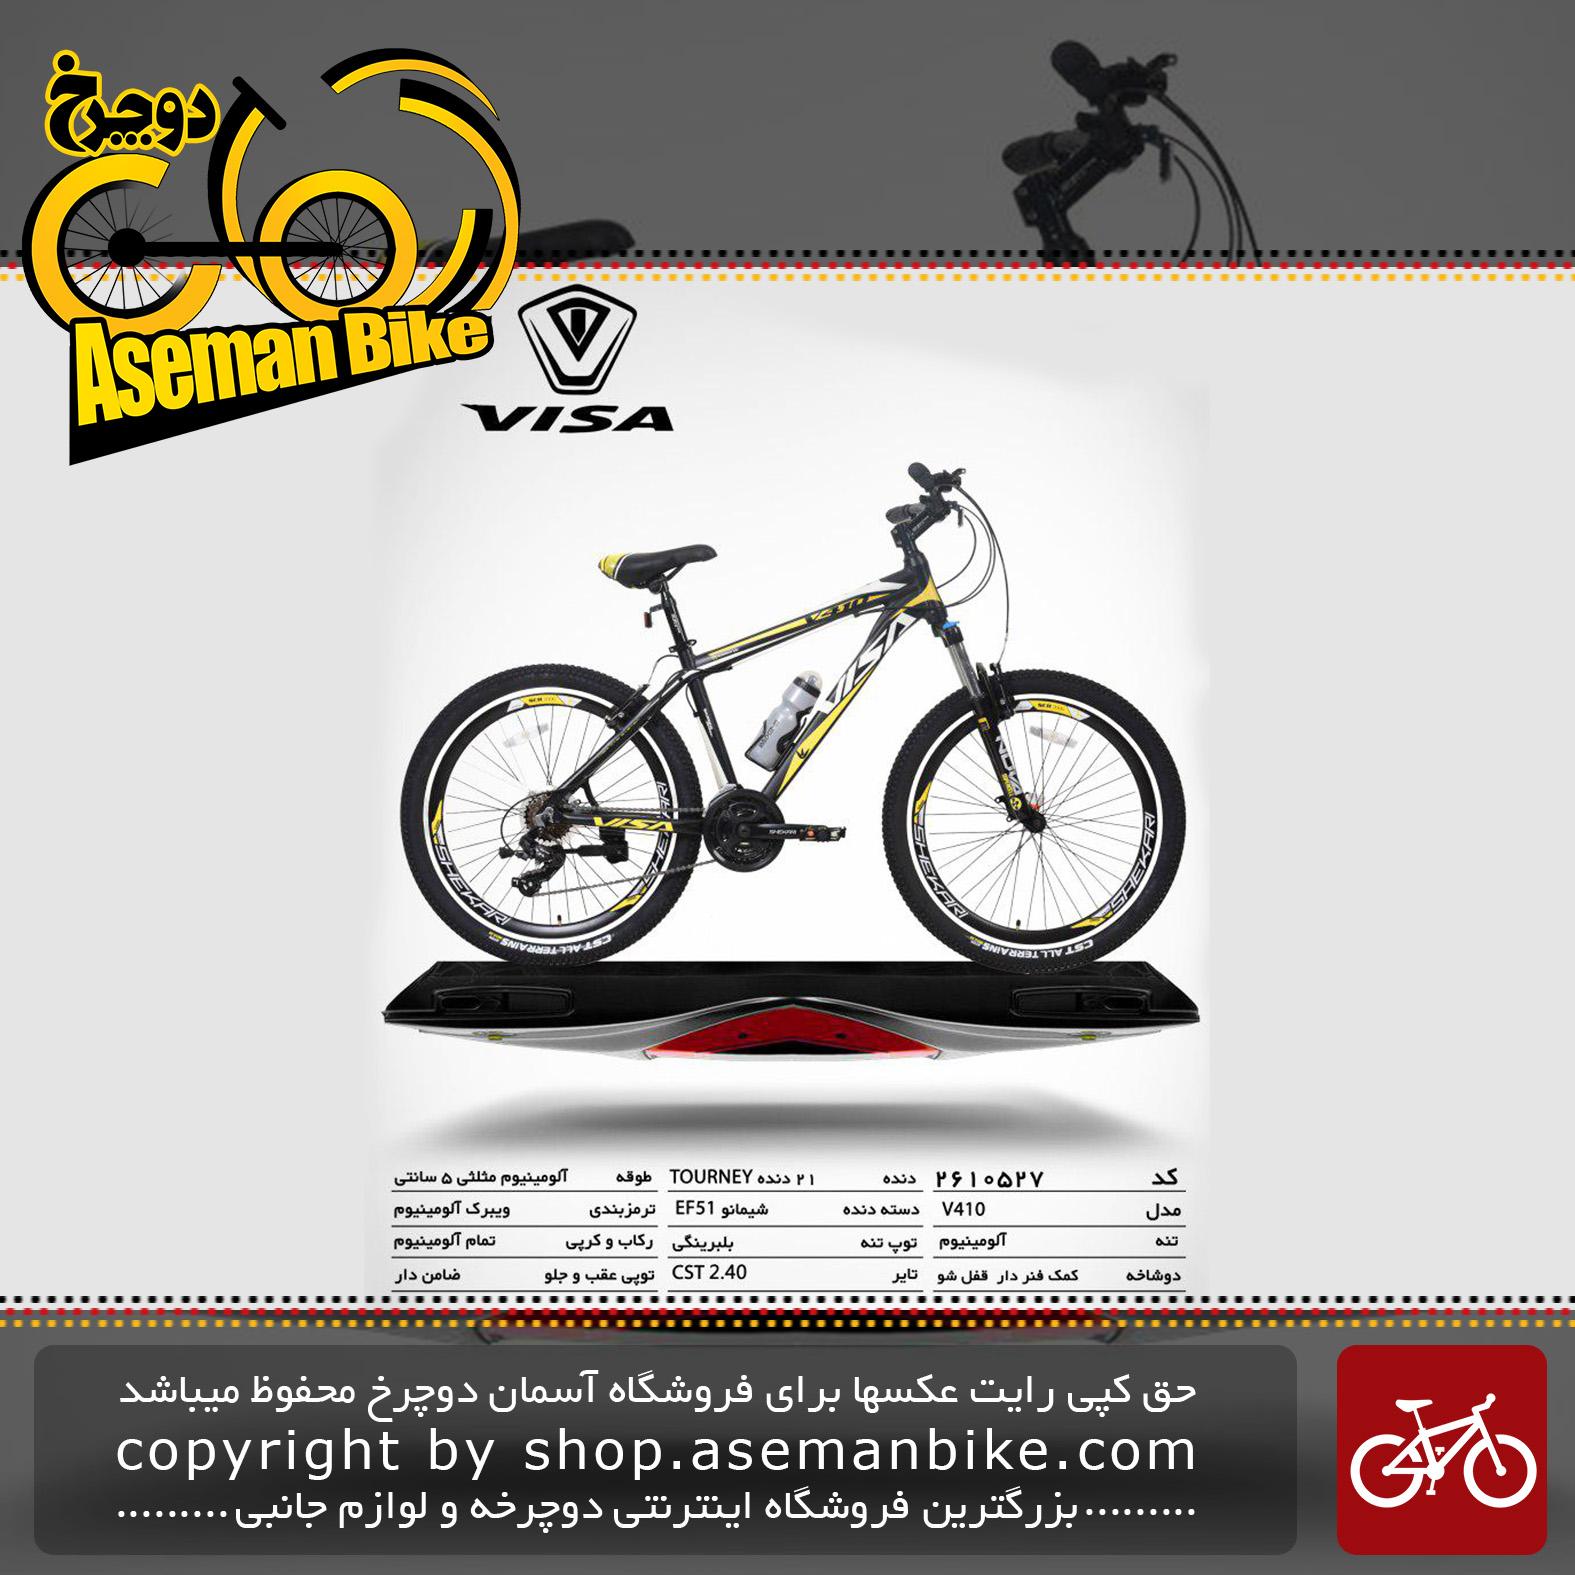 دوچرخه کوهستان ویزا21 دنده شیمانو تورنی تنه آلومینیوم سایز26مدل وی410 visa bicycle 26 21 speed shimano tourney tz aluminum vb v410 2019